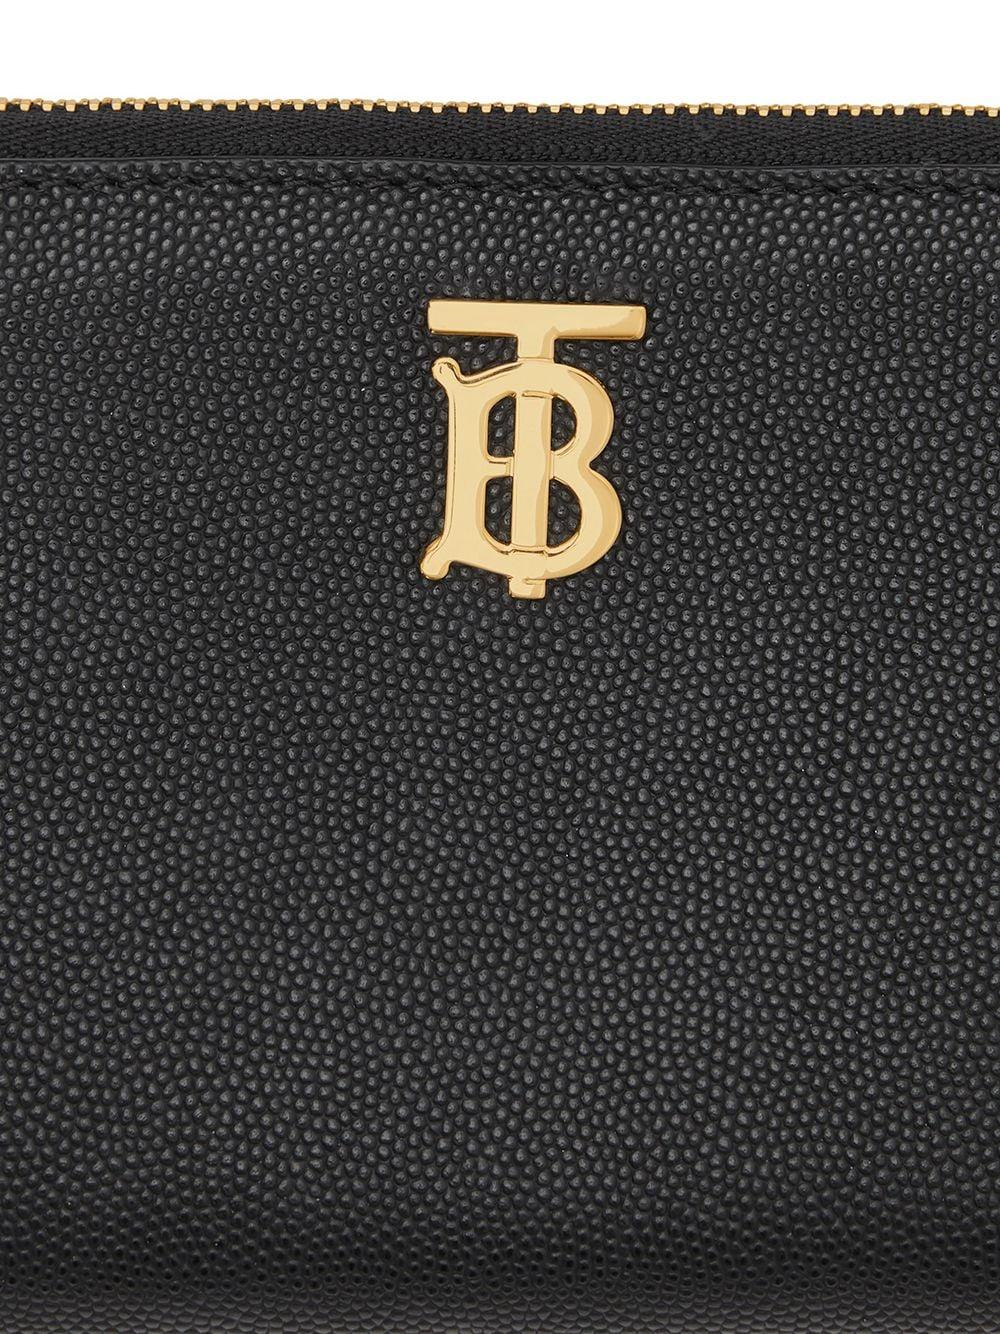 Picture of Burberry | Monogram Plaque Zip-Around Wallet